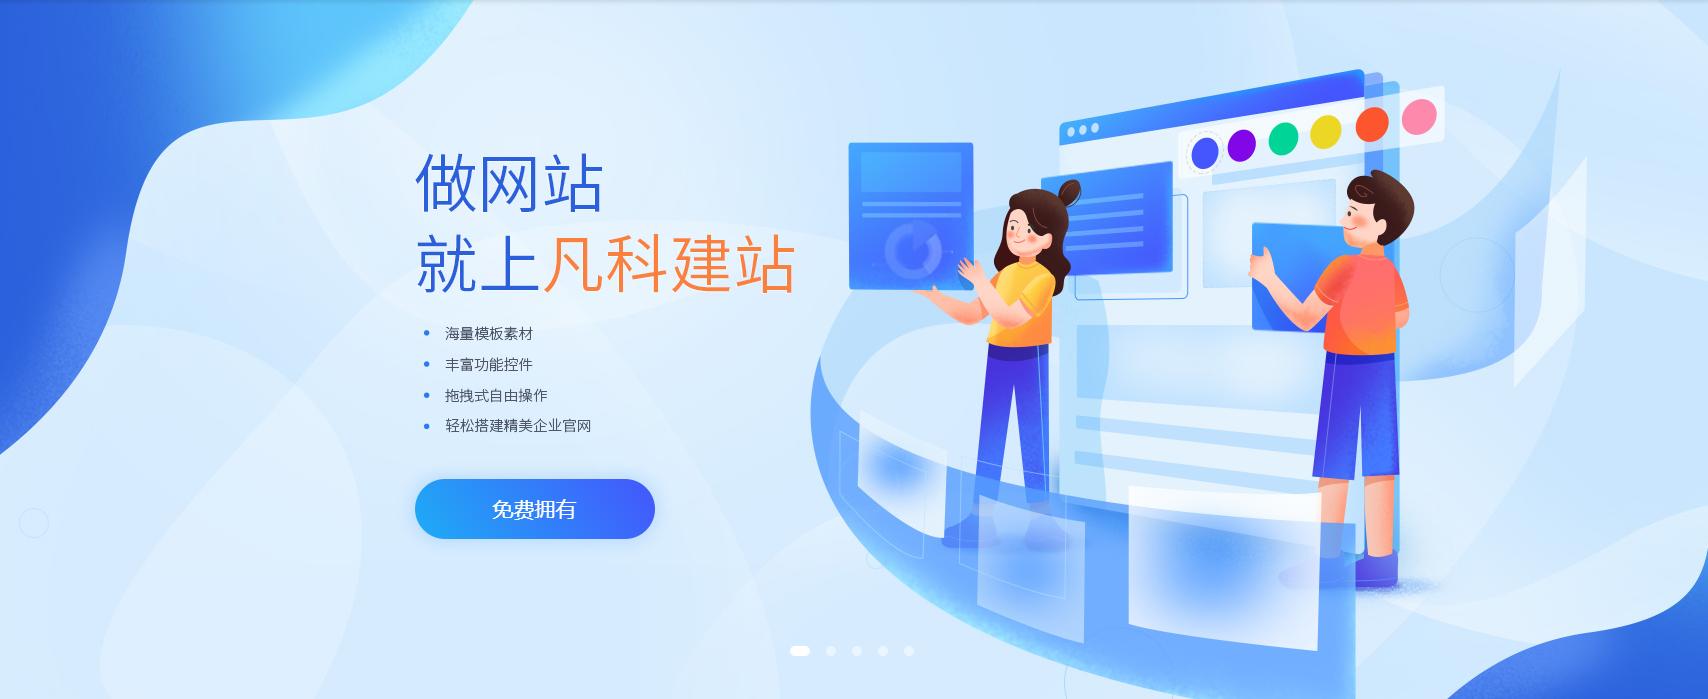 企业官方网站要怎么创建